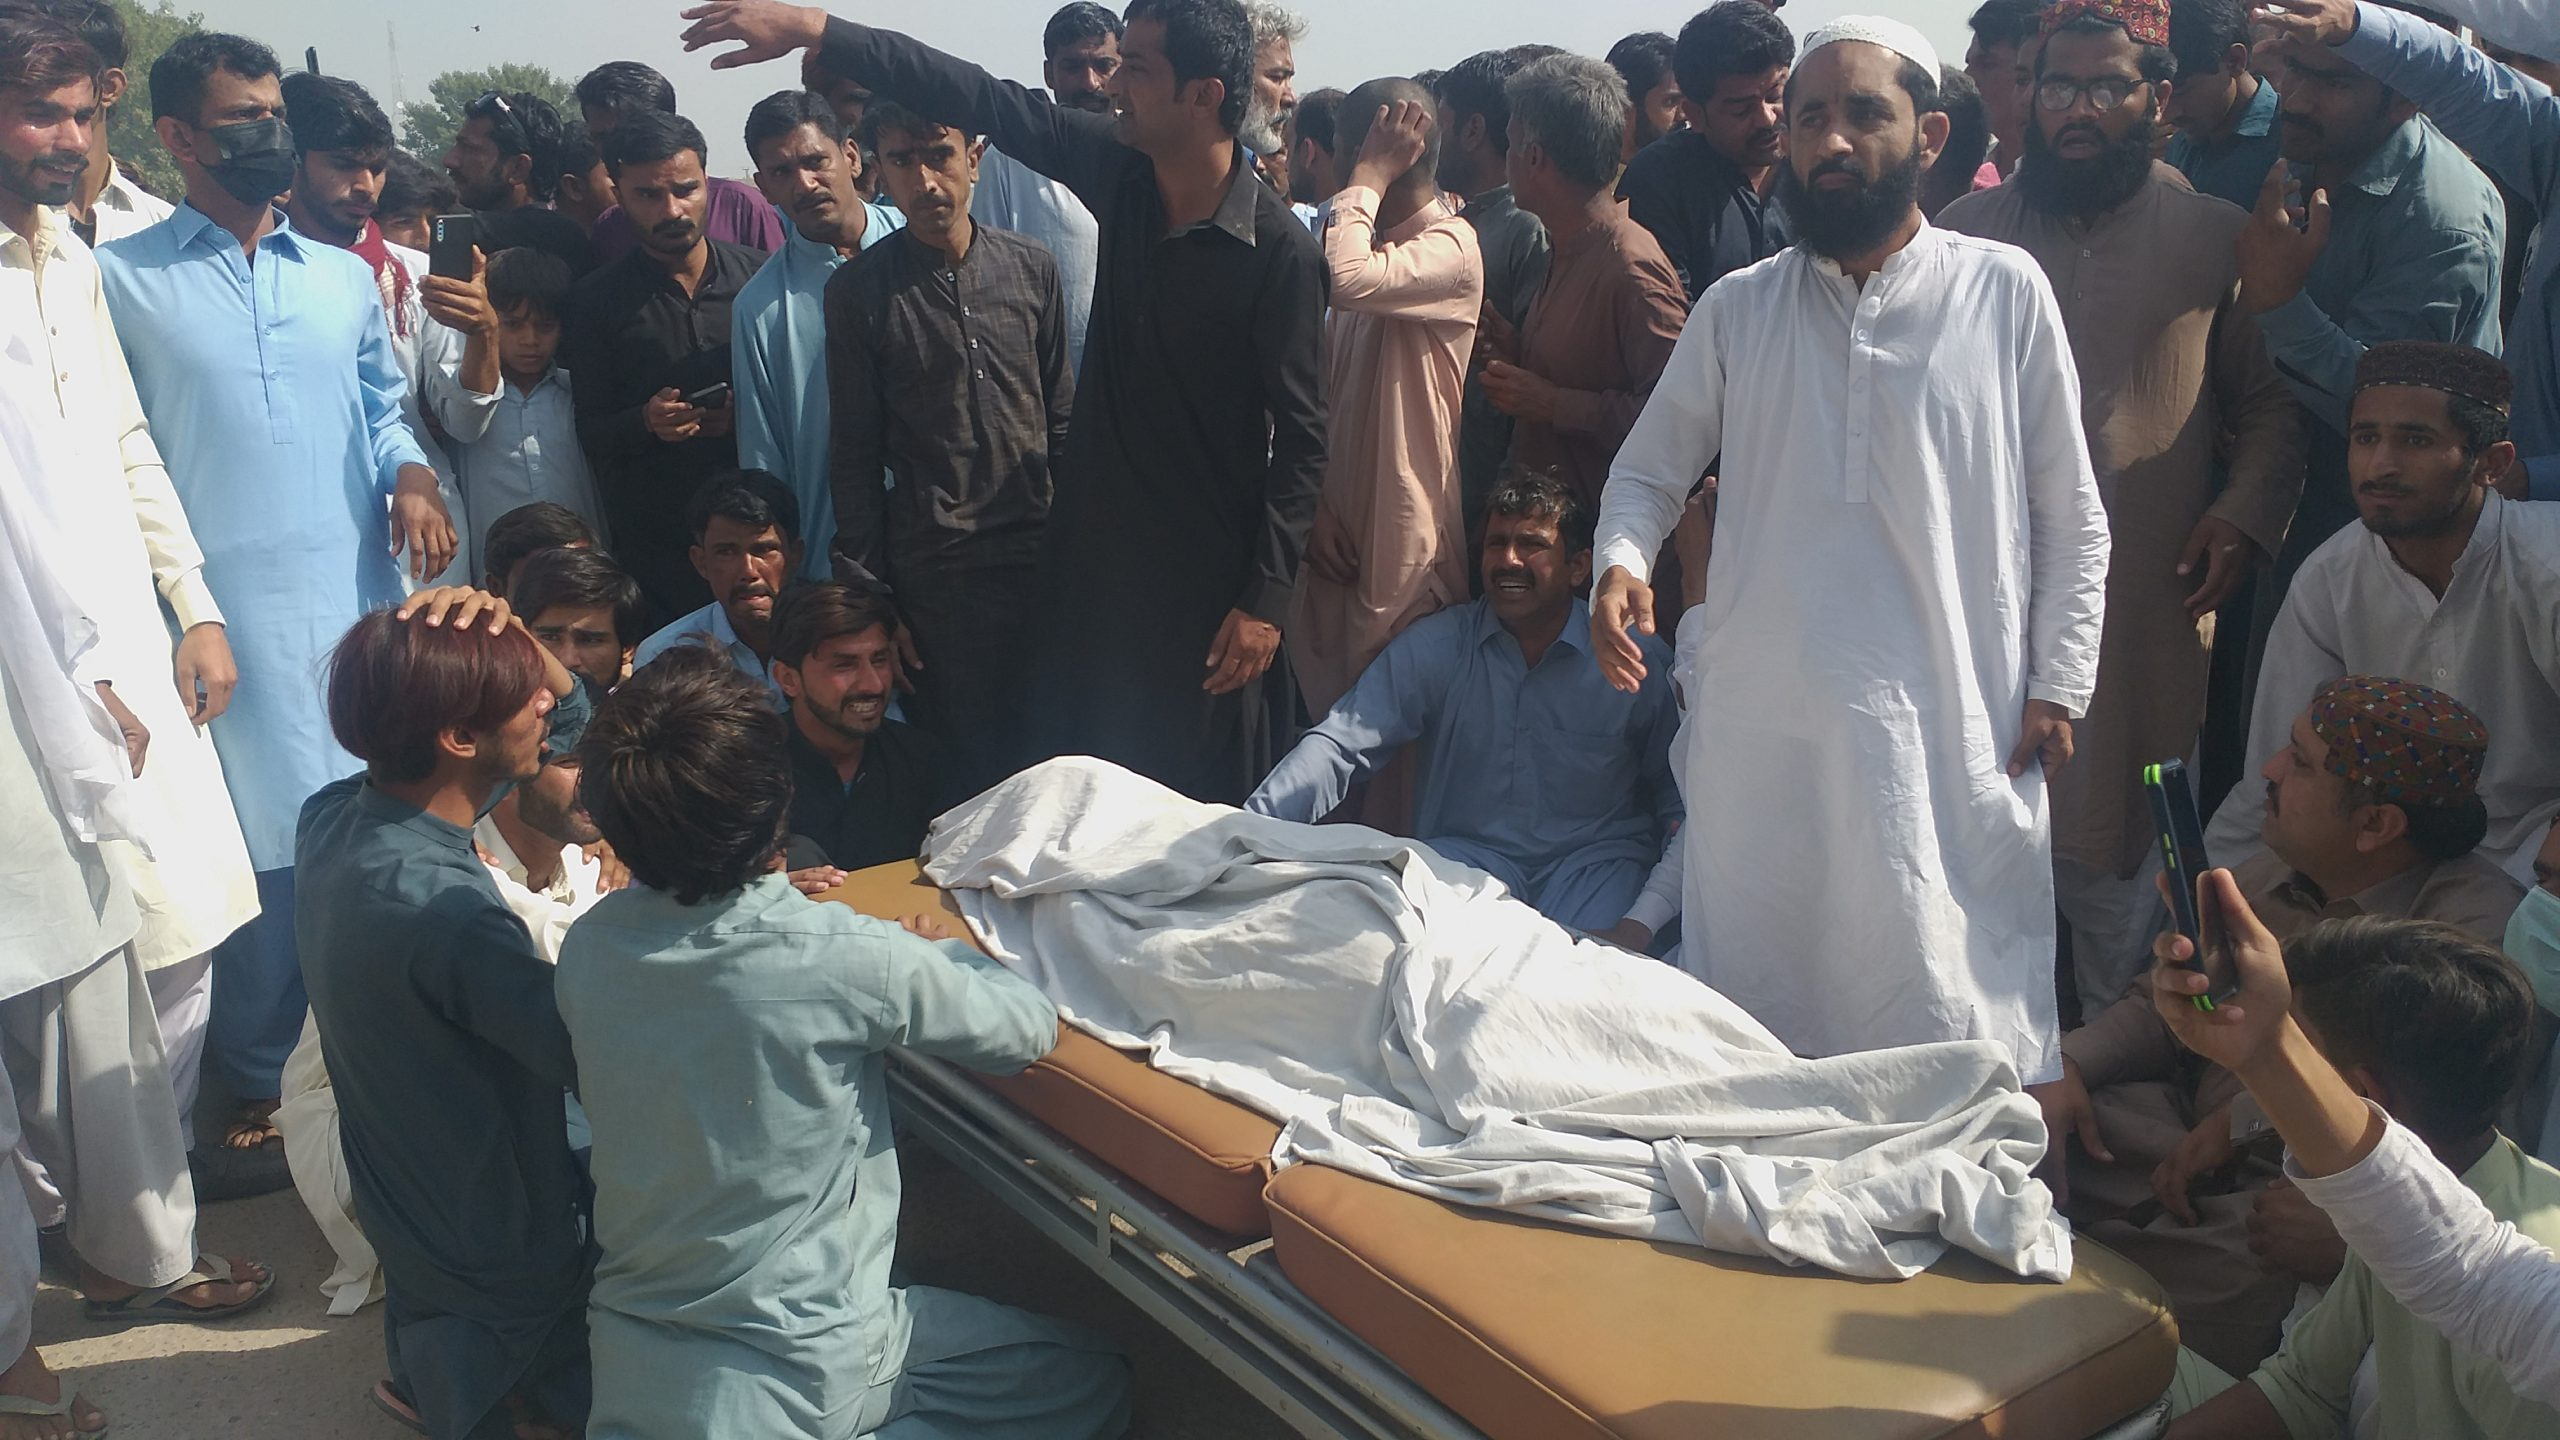 Ubauro Blast - Citizens block highway as an injured boy dies- Sindh Courier-2